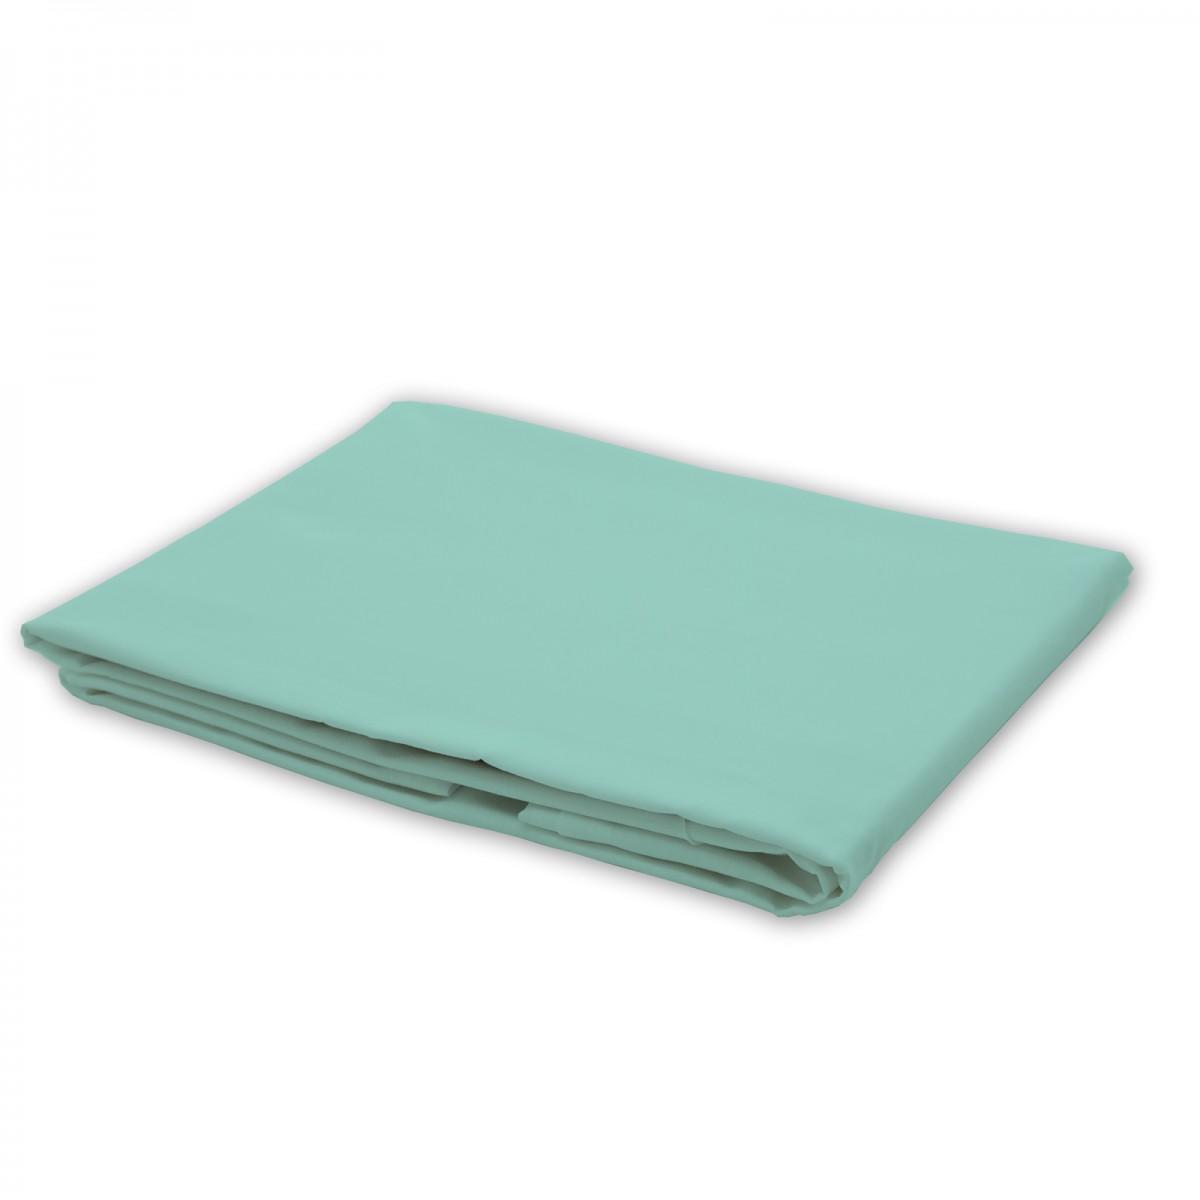 Aqua Blue Sheets Bing Images